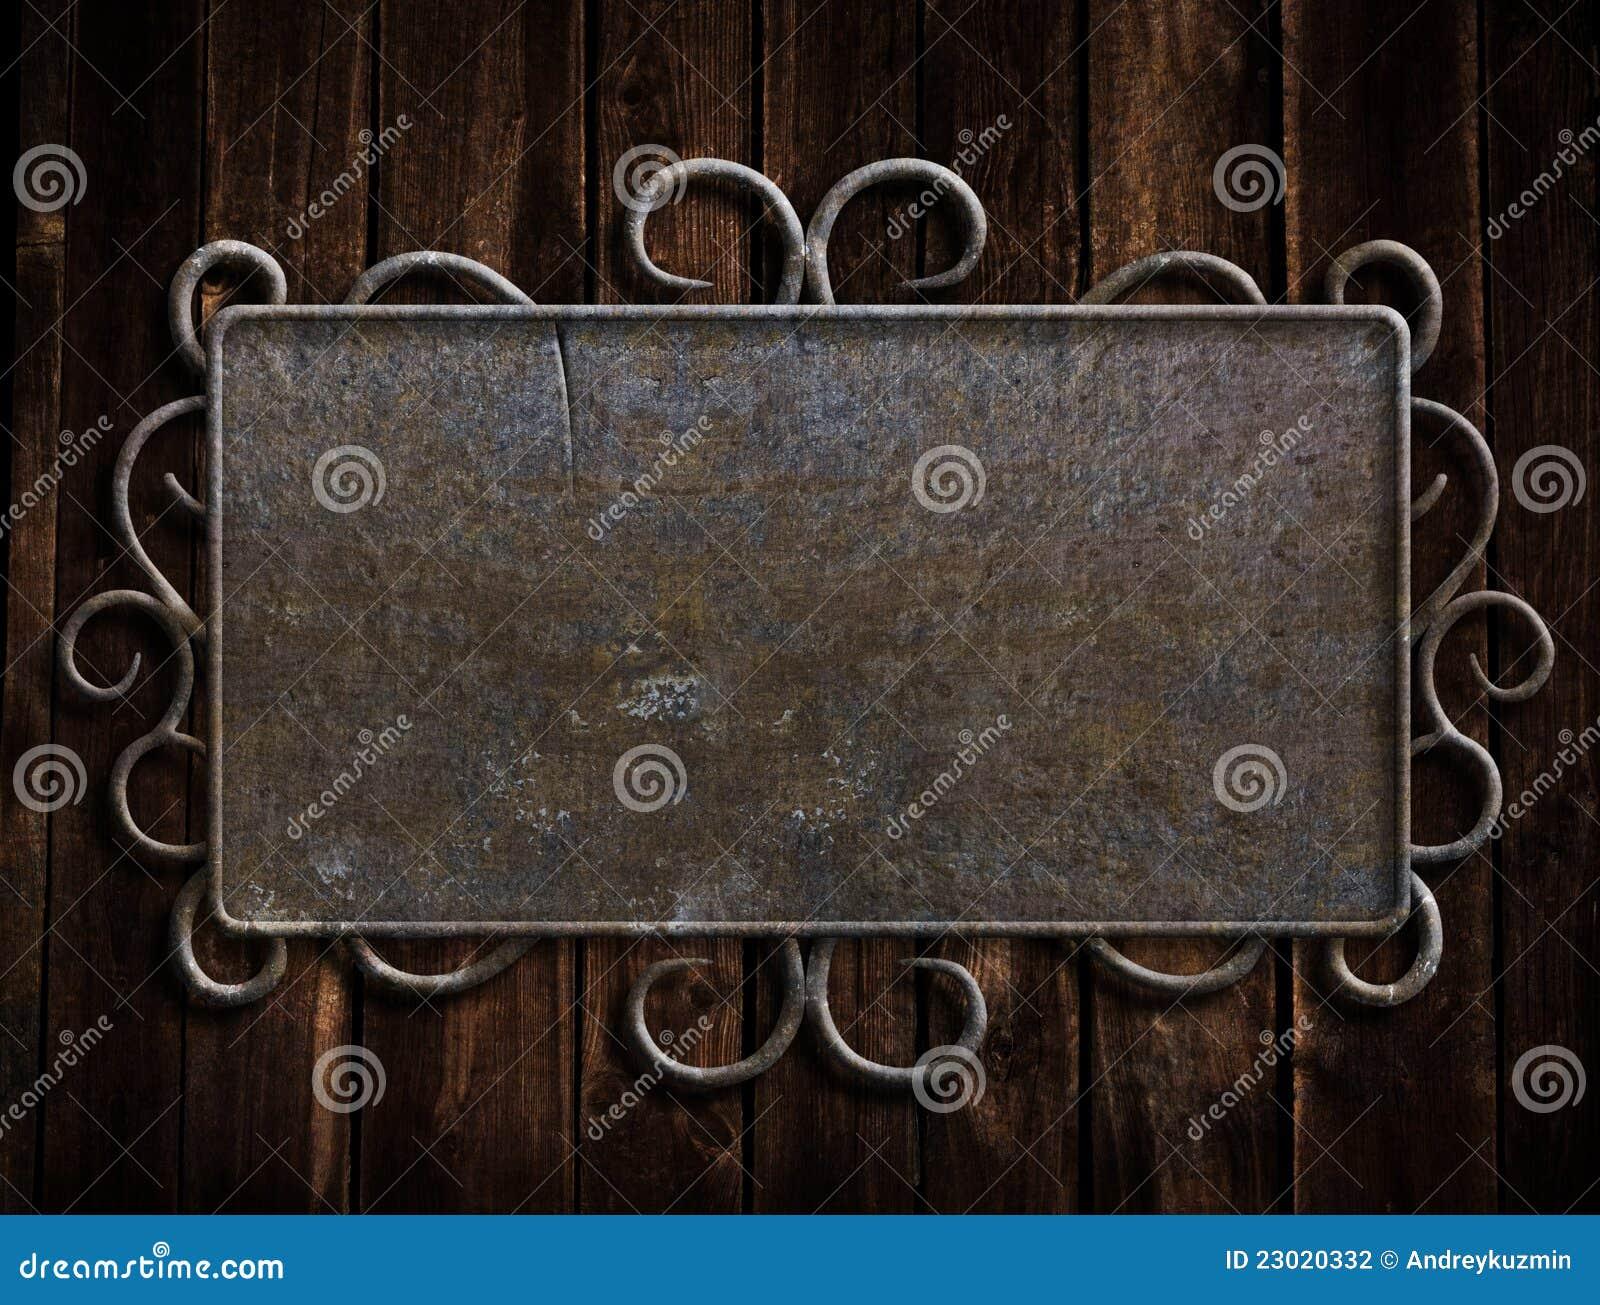 vintage metal plate on old oak door stock photography. Black Bedroom Furniture Sets. Home Design Ideas